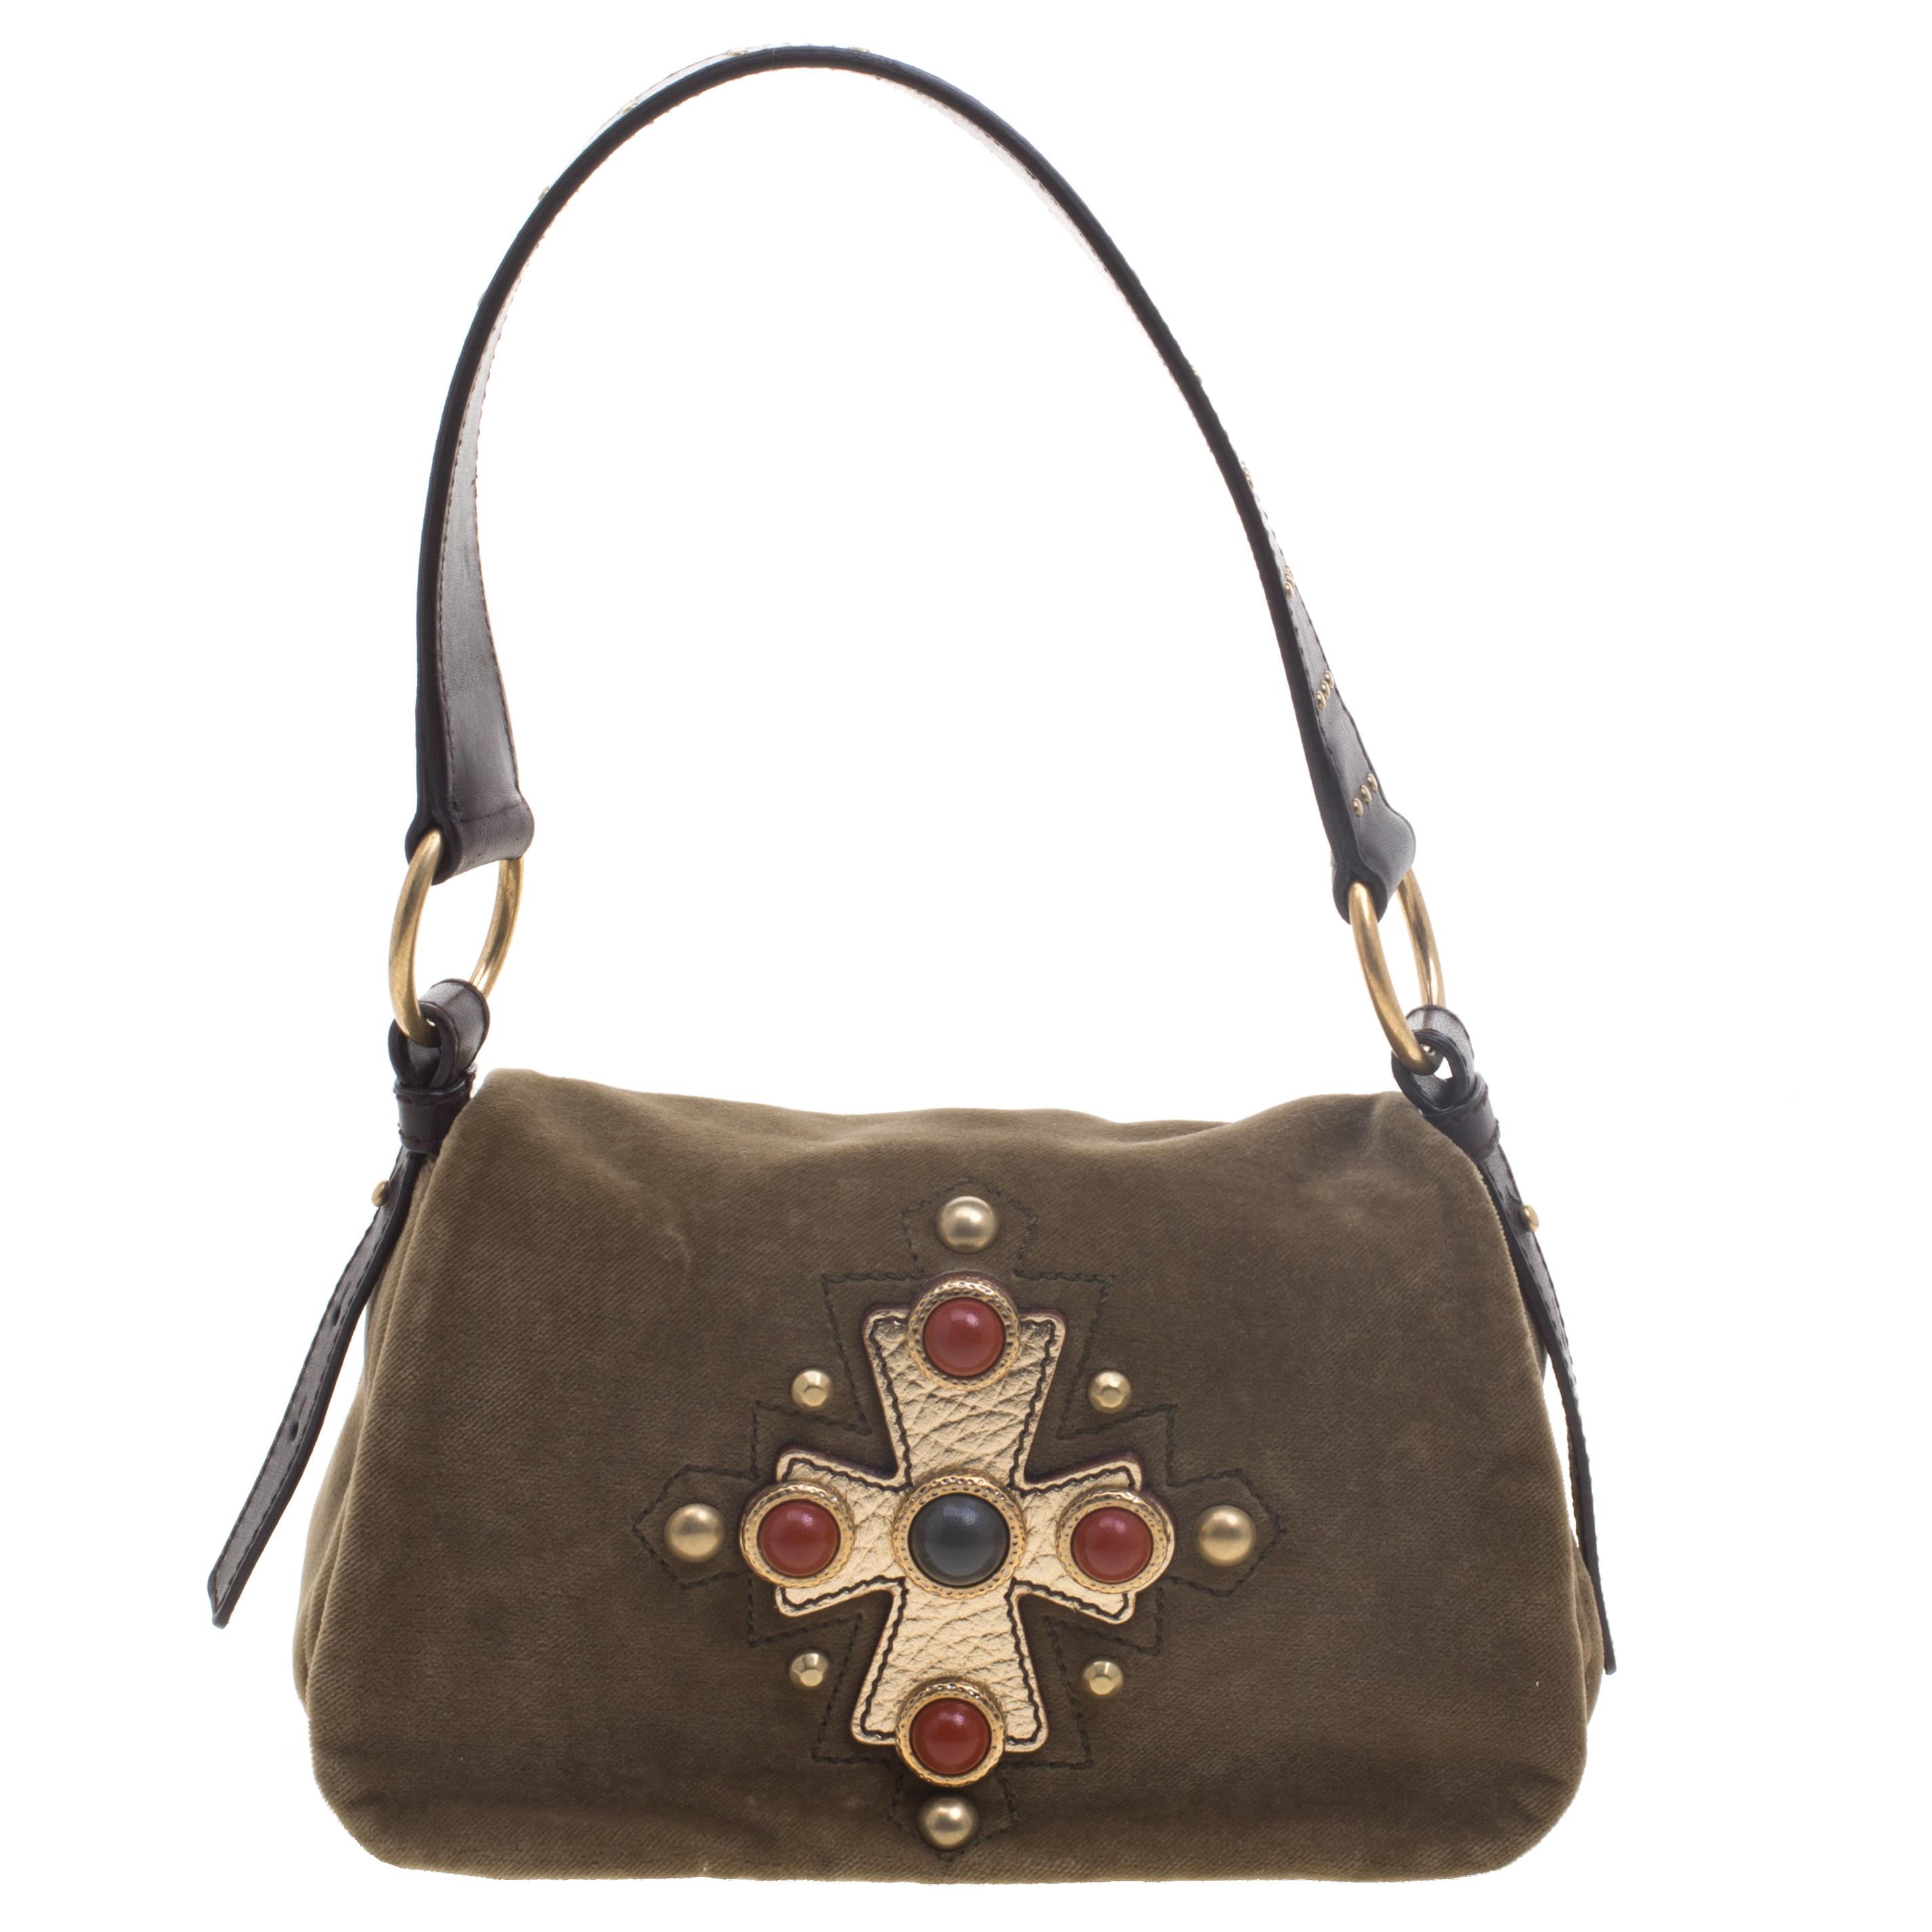 ... Saint Laurent Paris Olive Green Suede Venise Shoulder Bag. nextprev.  prevnext 13a46604de954